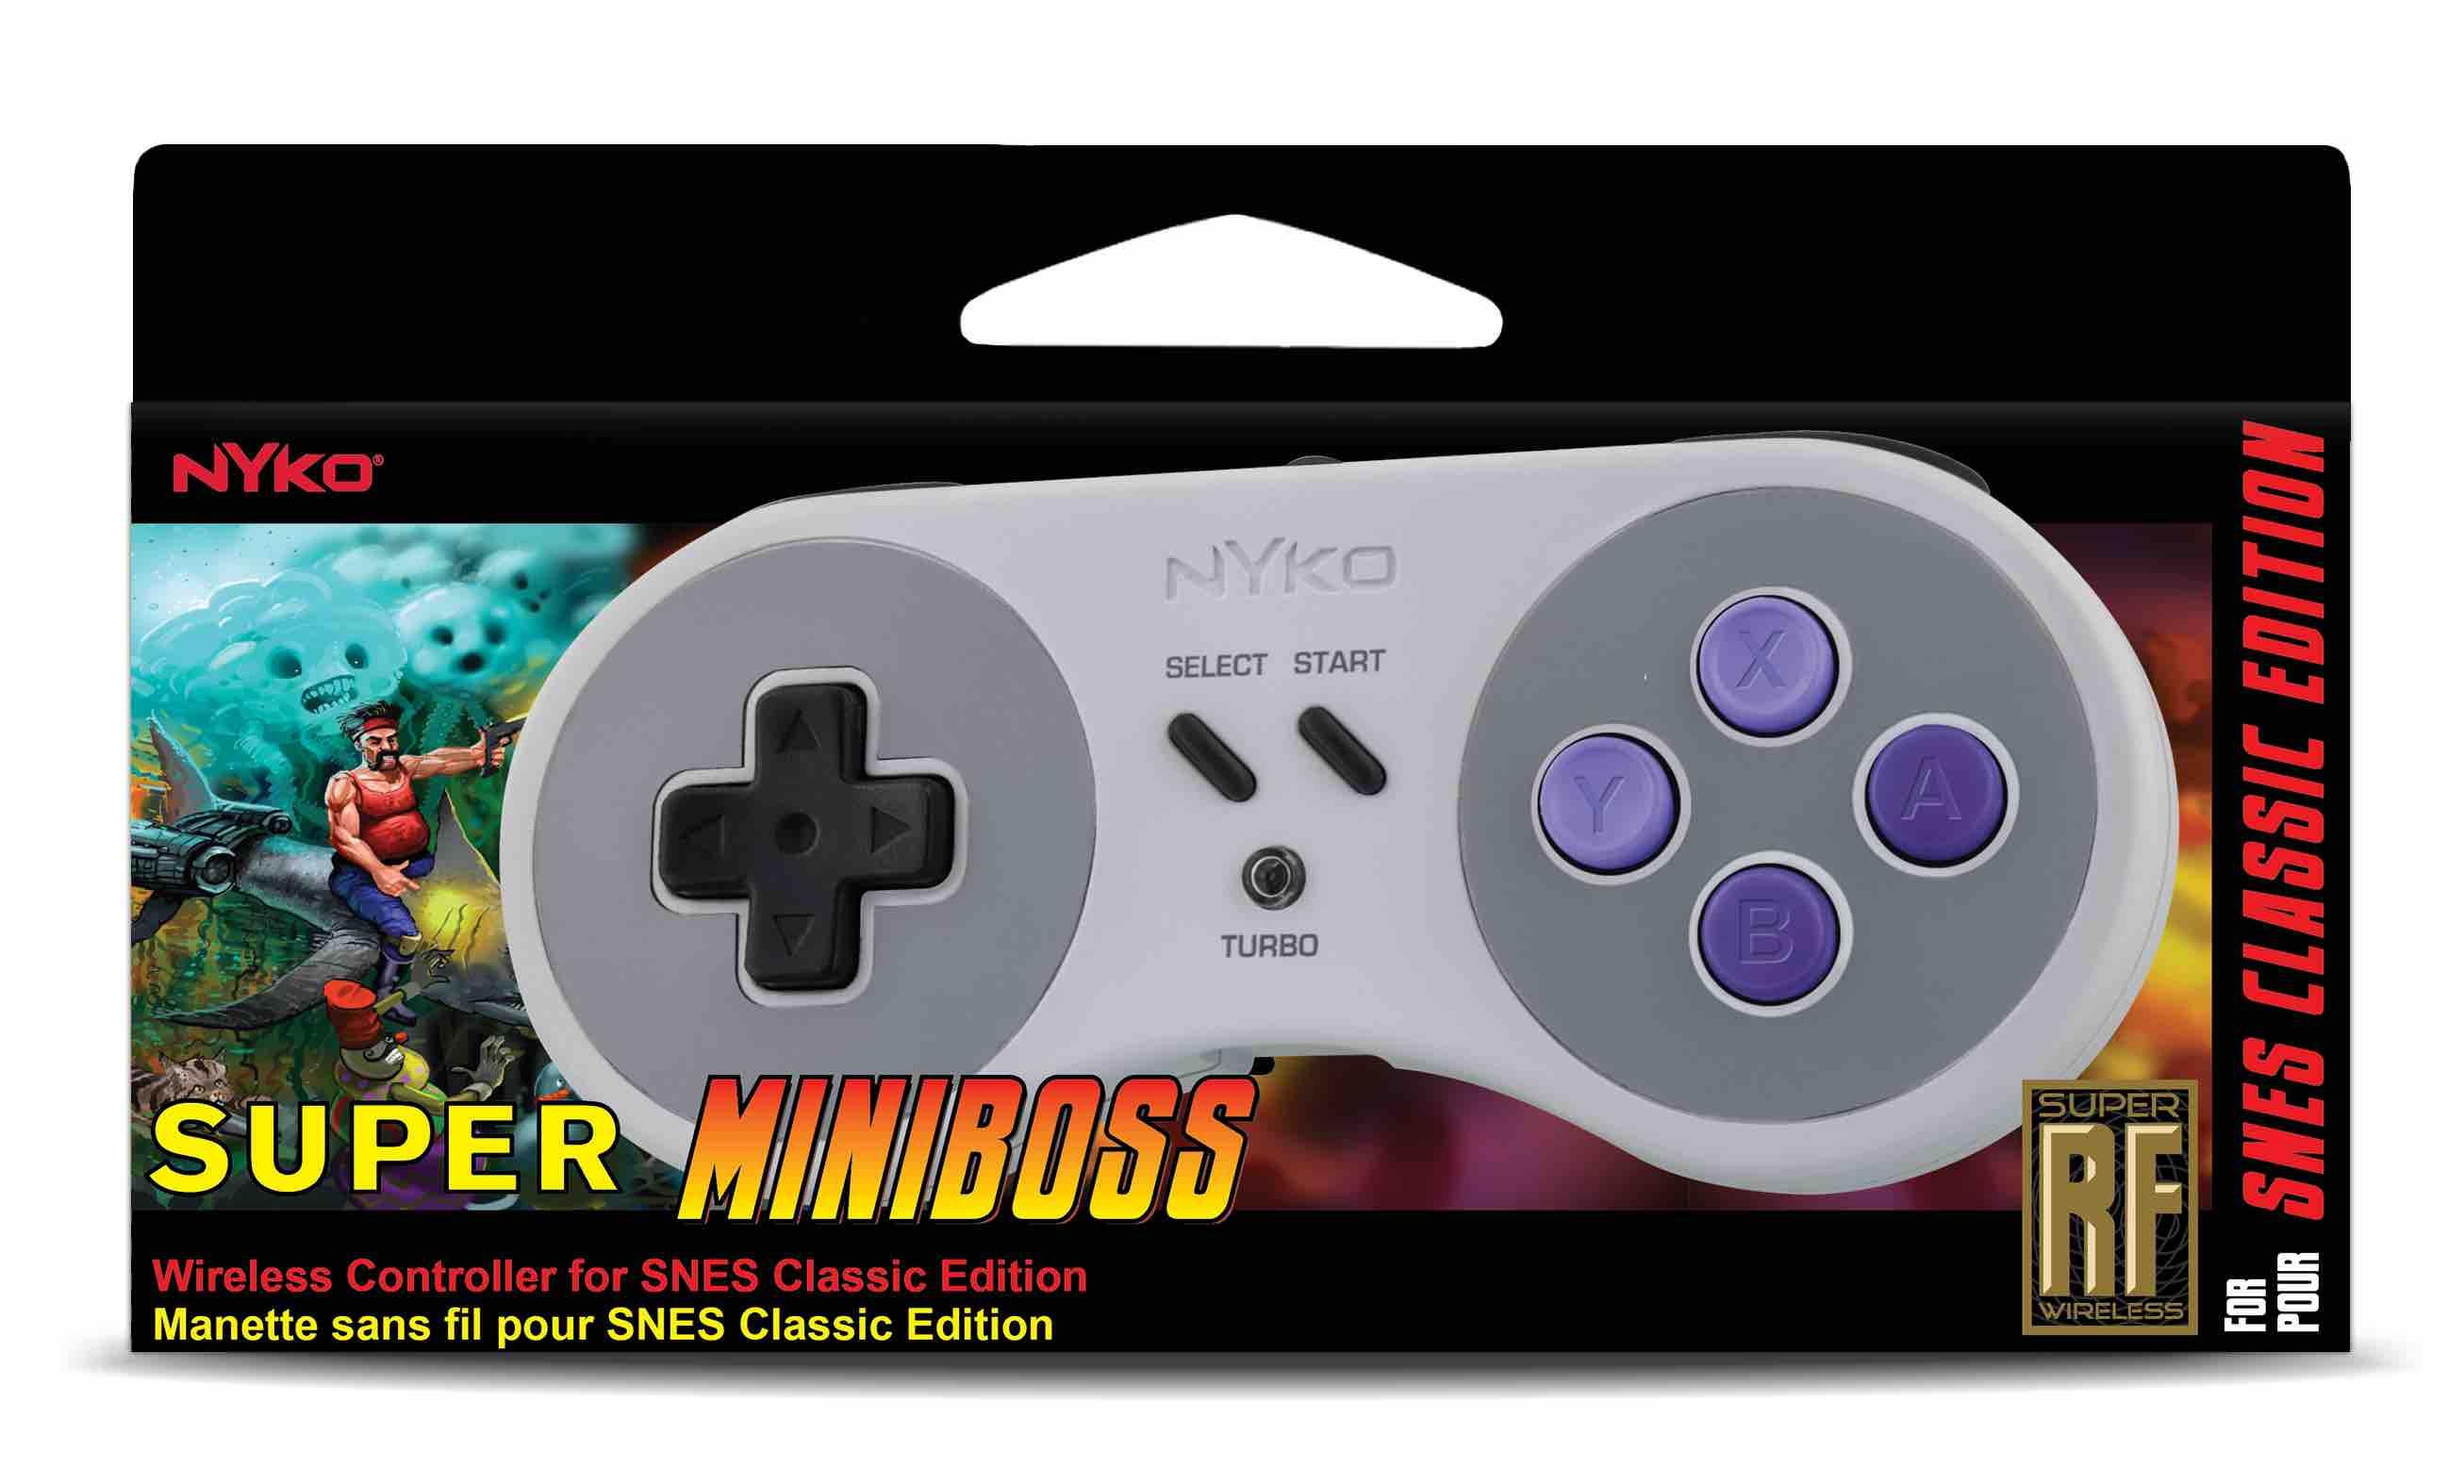 nyko-super-miniboss-photo-1